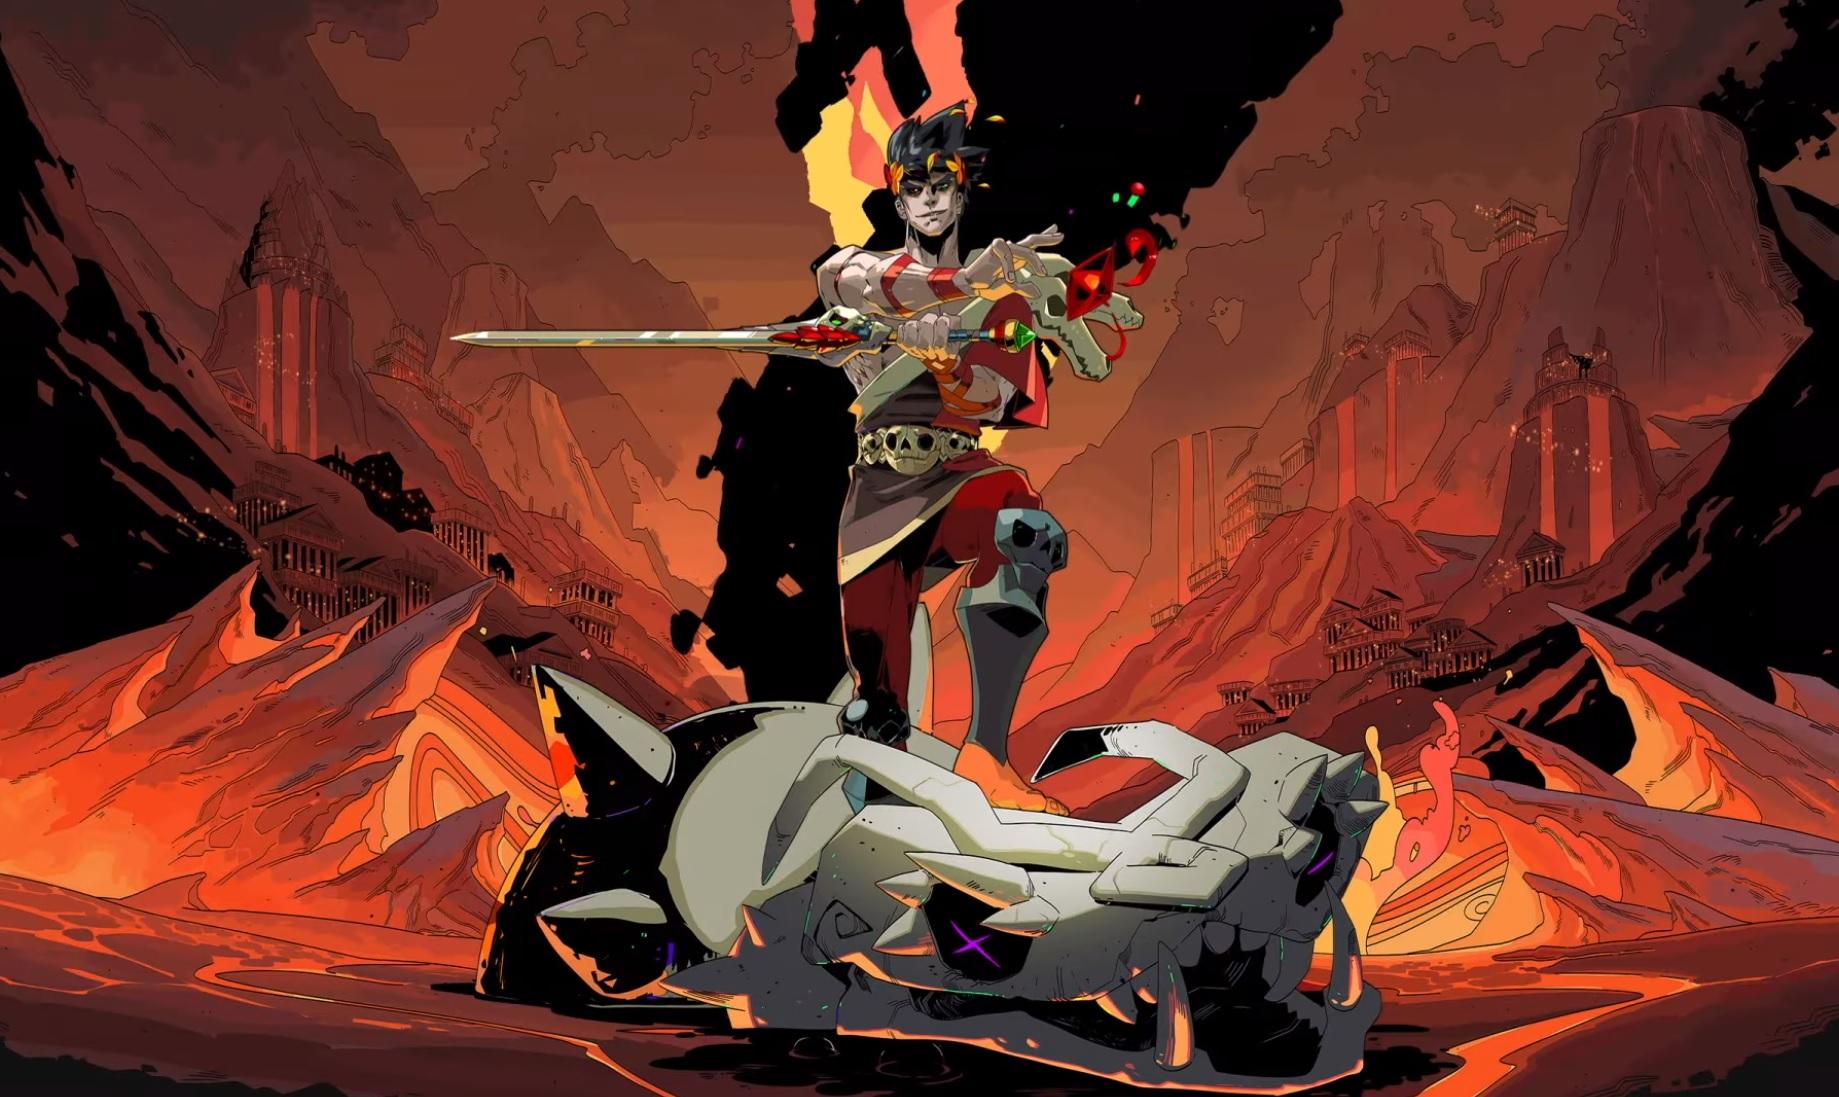 Melhores jogos indie de outubro: hades, among us e muito mais. Nos melhores jogos indie de outubro você irá descobrir impostores, enfrentar deuses e viver aventuras coloridas em games para consoles e pc